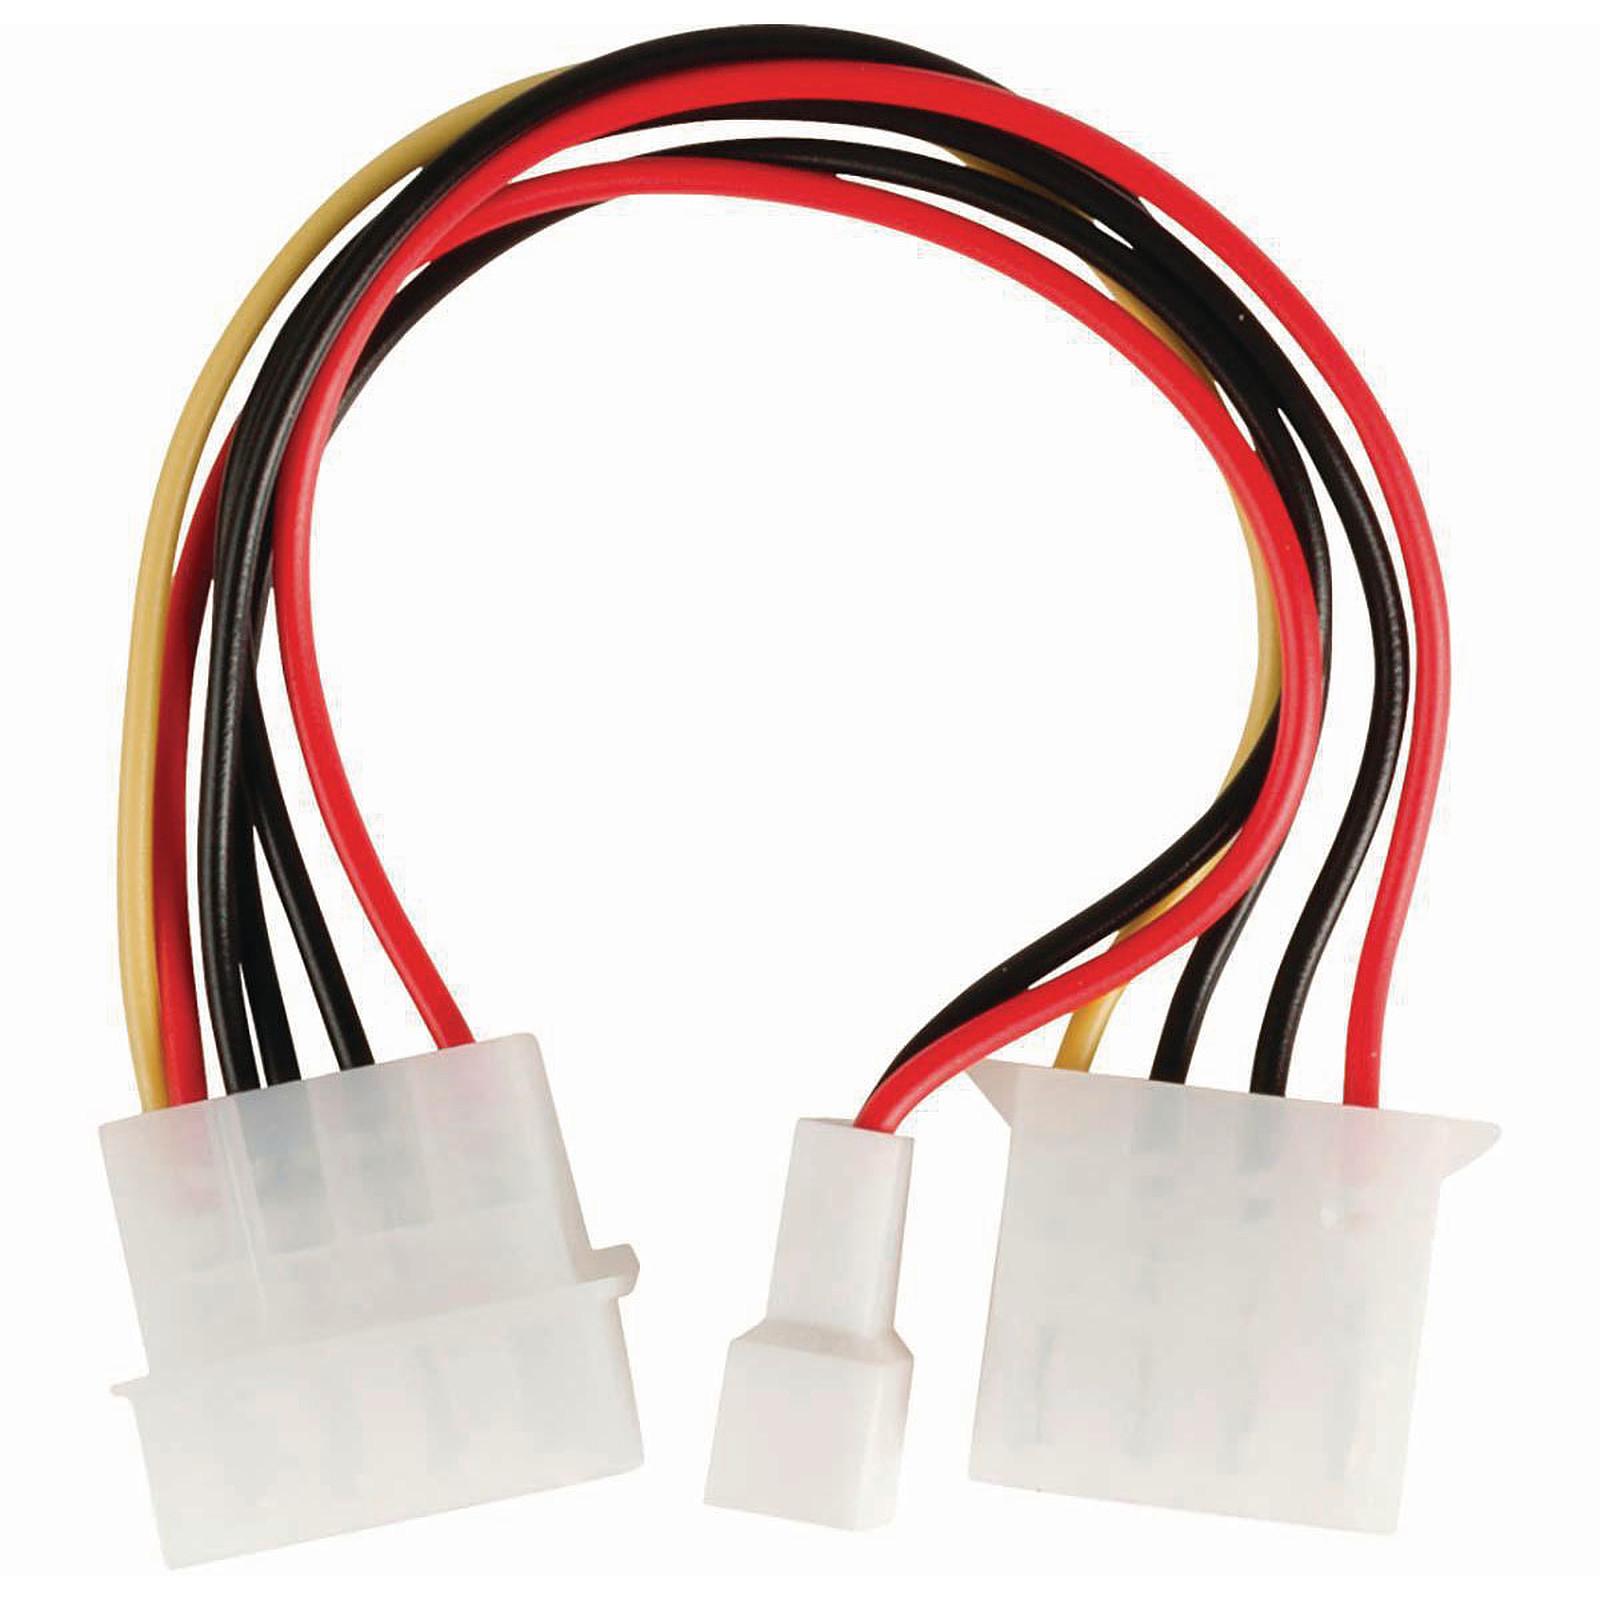 Nedis Adaptateur d'alimentation Molex mâle vers Molex femelle + Connecteur ventilateur 3 broches